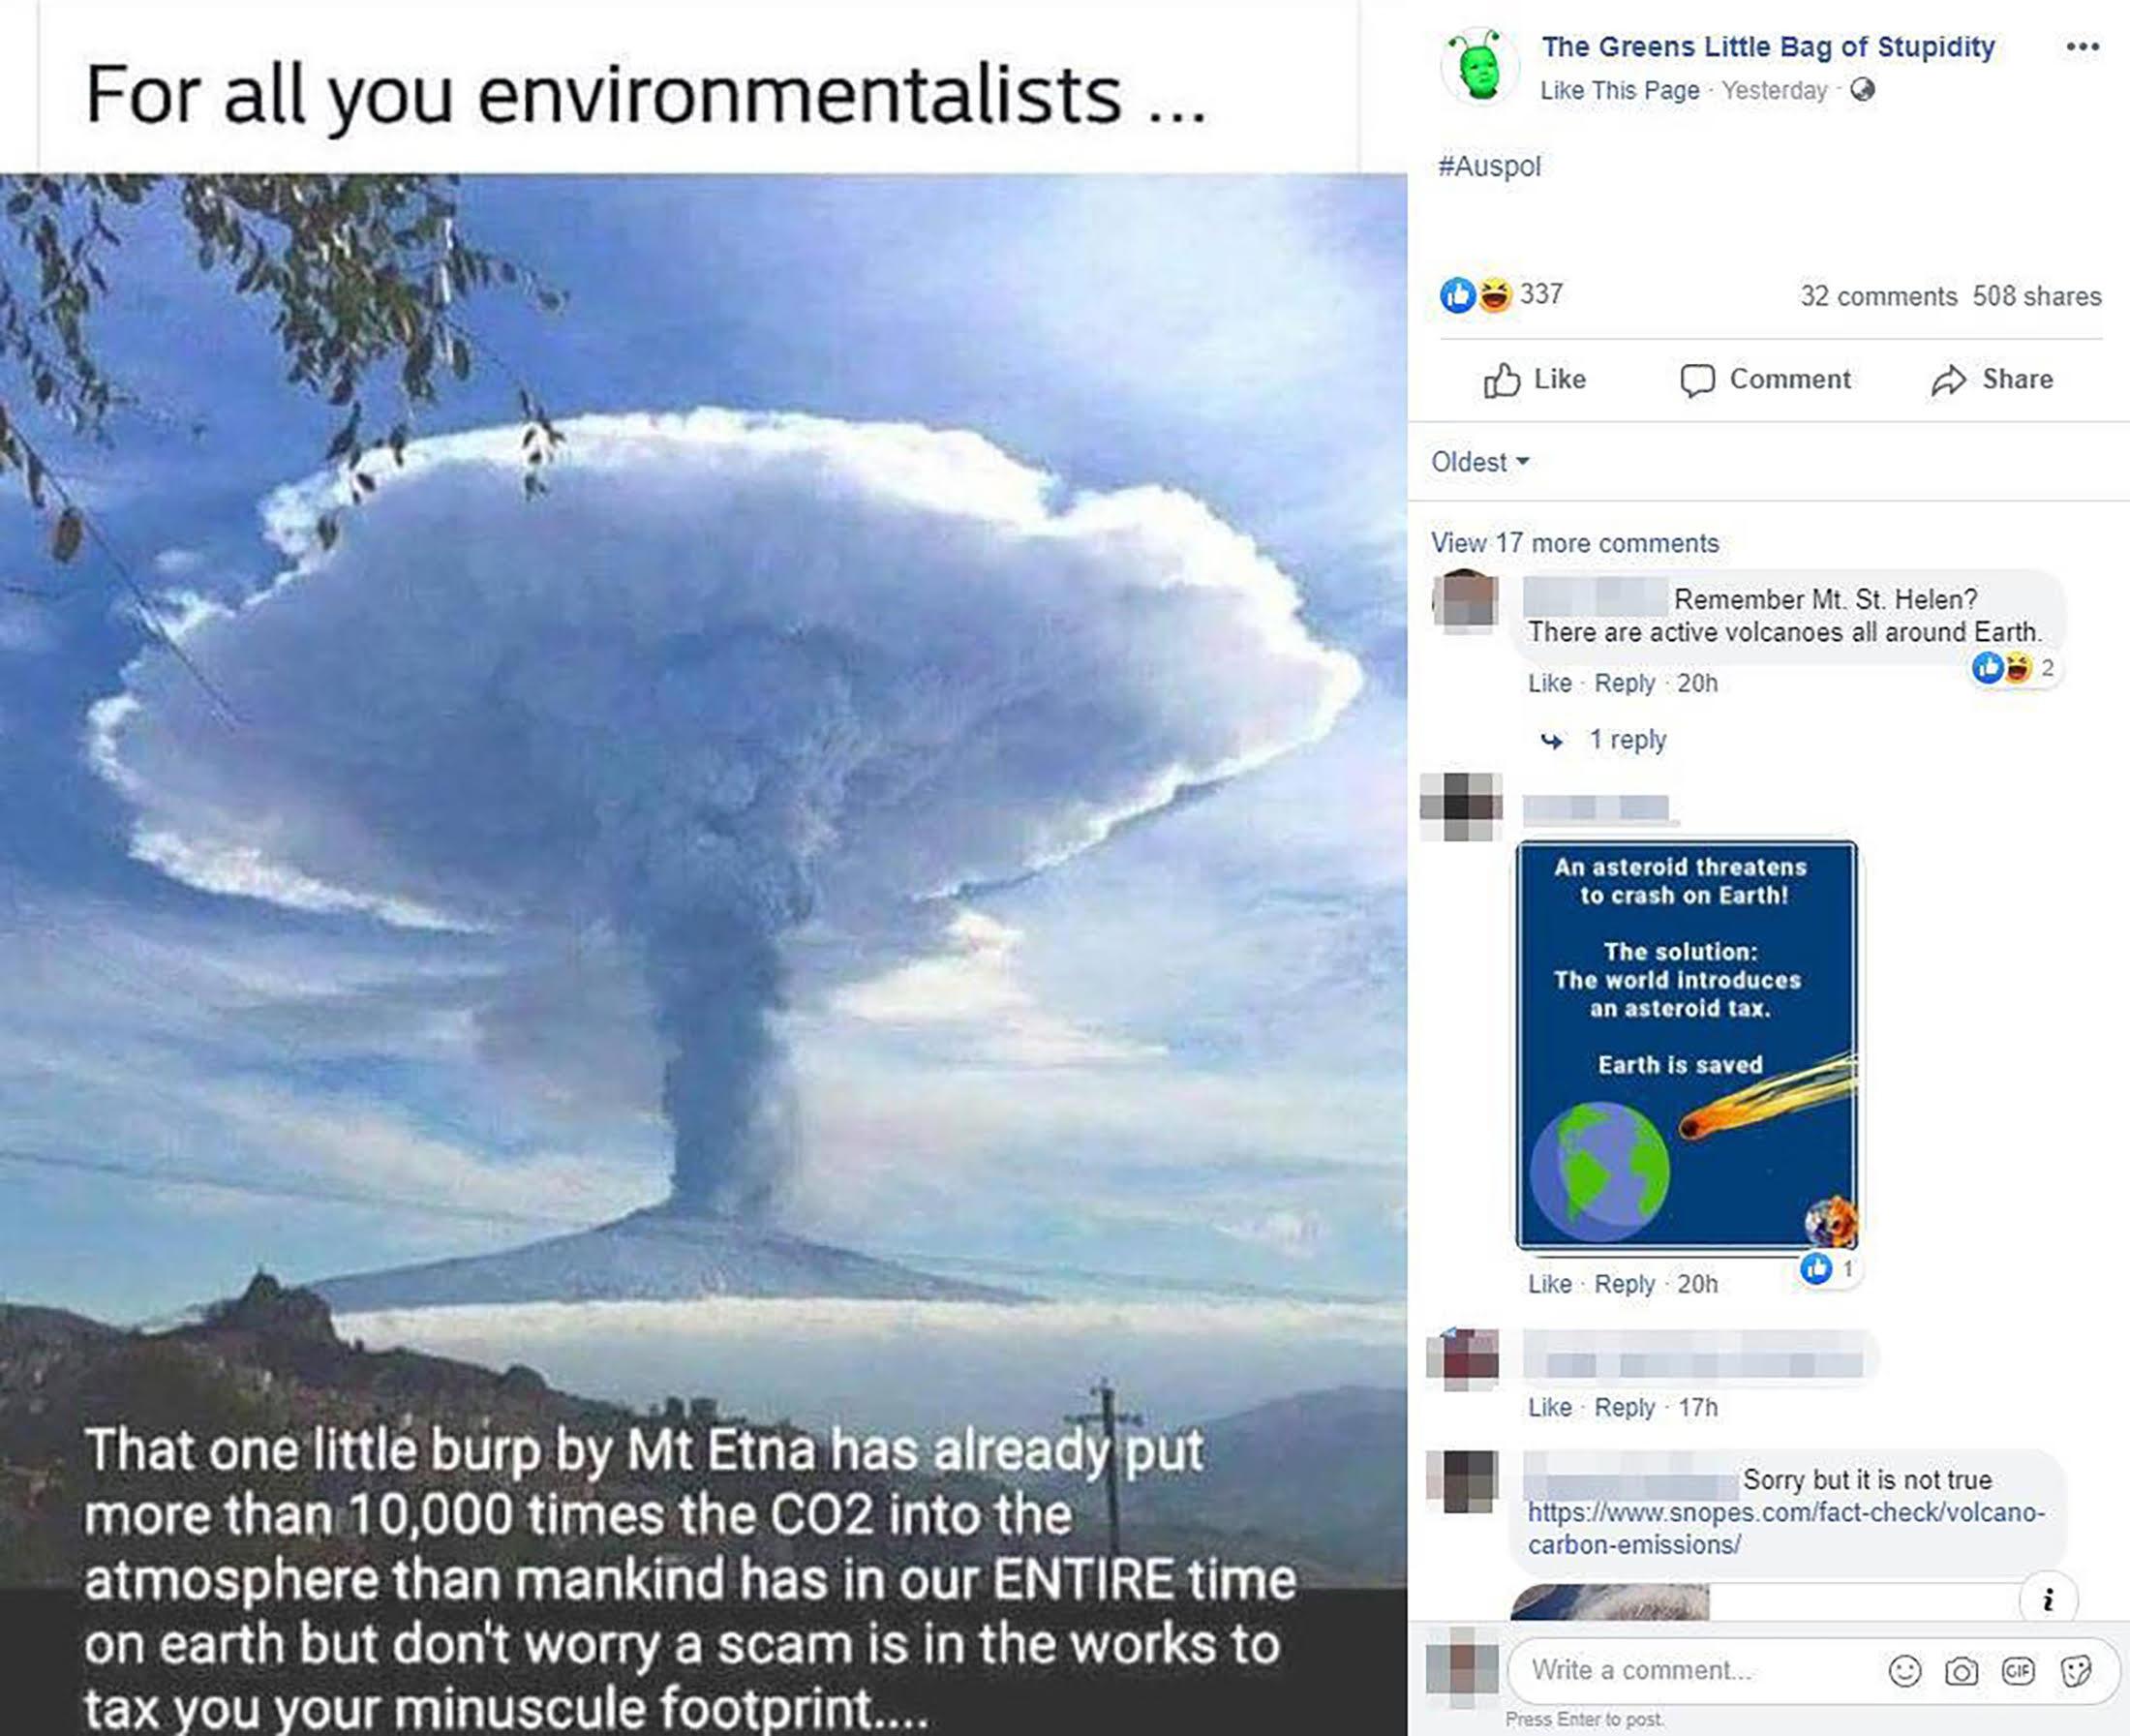 Mt Etna Facebook Post